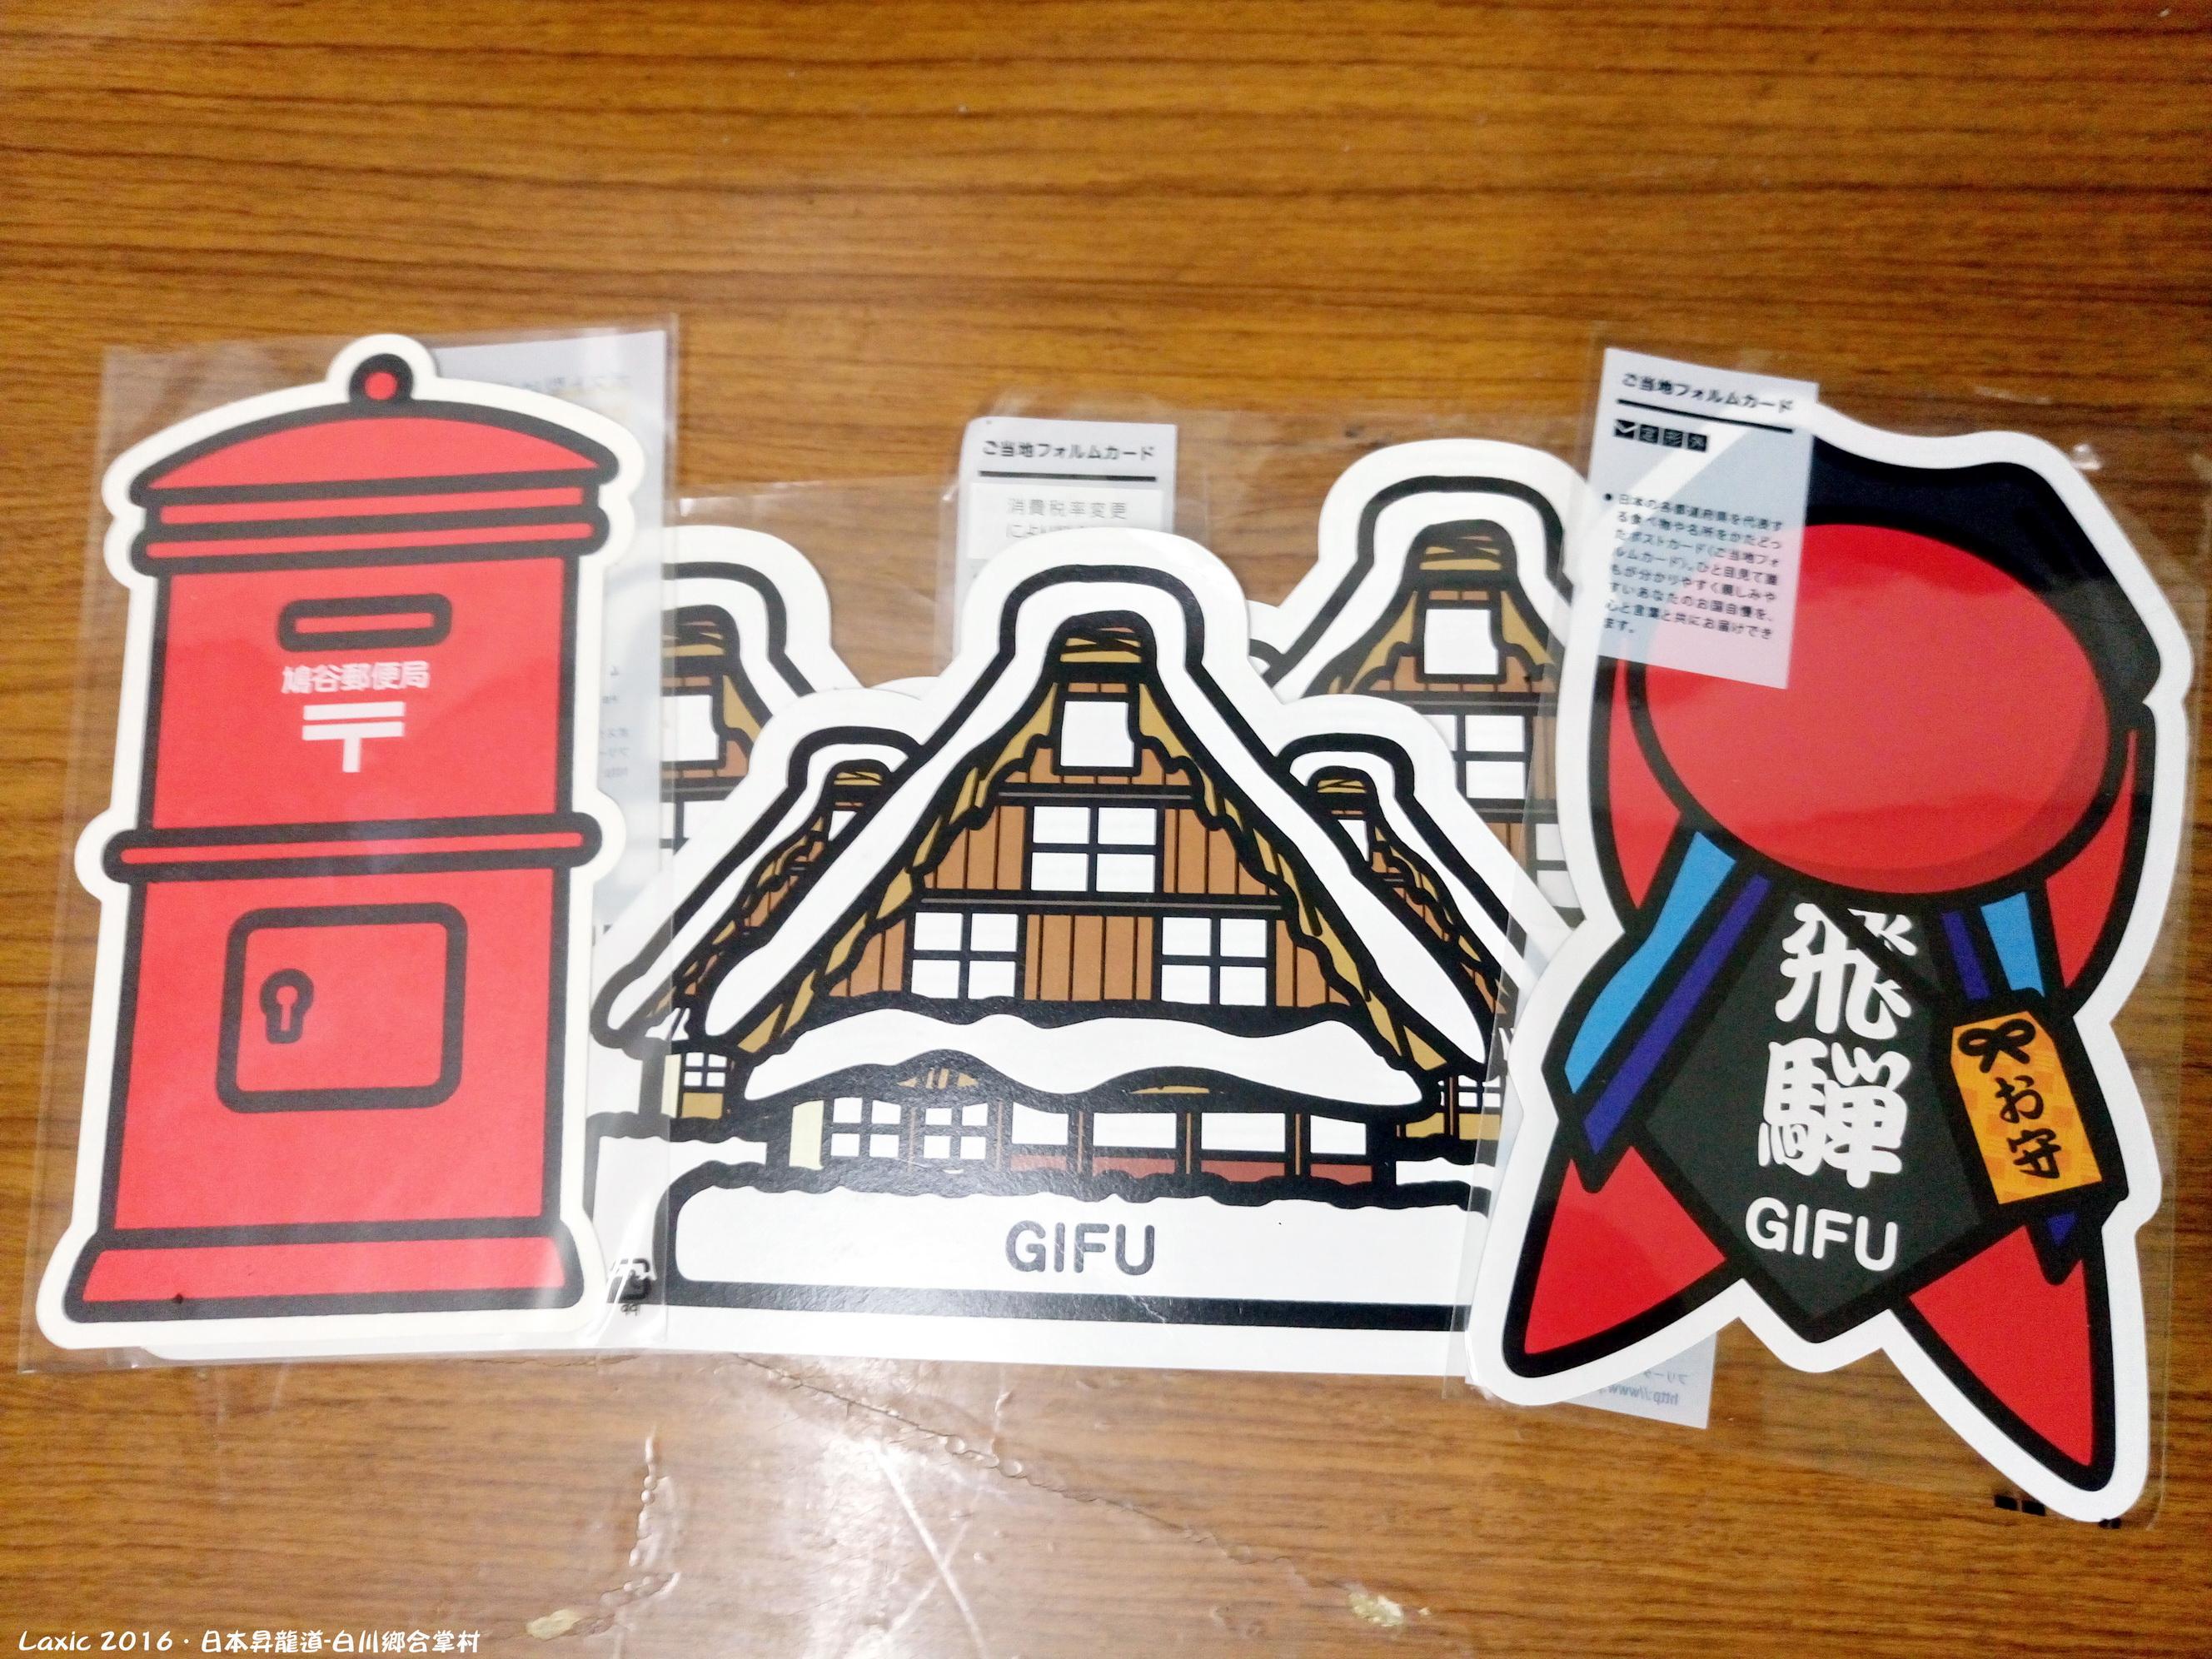 鳩谷郵便局明信片